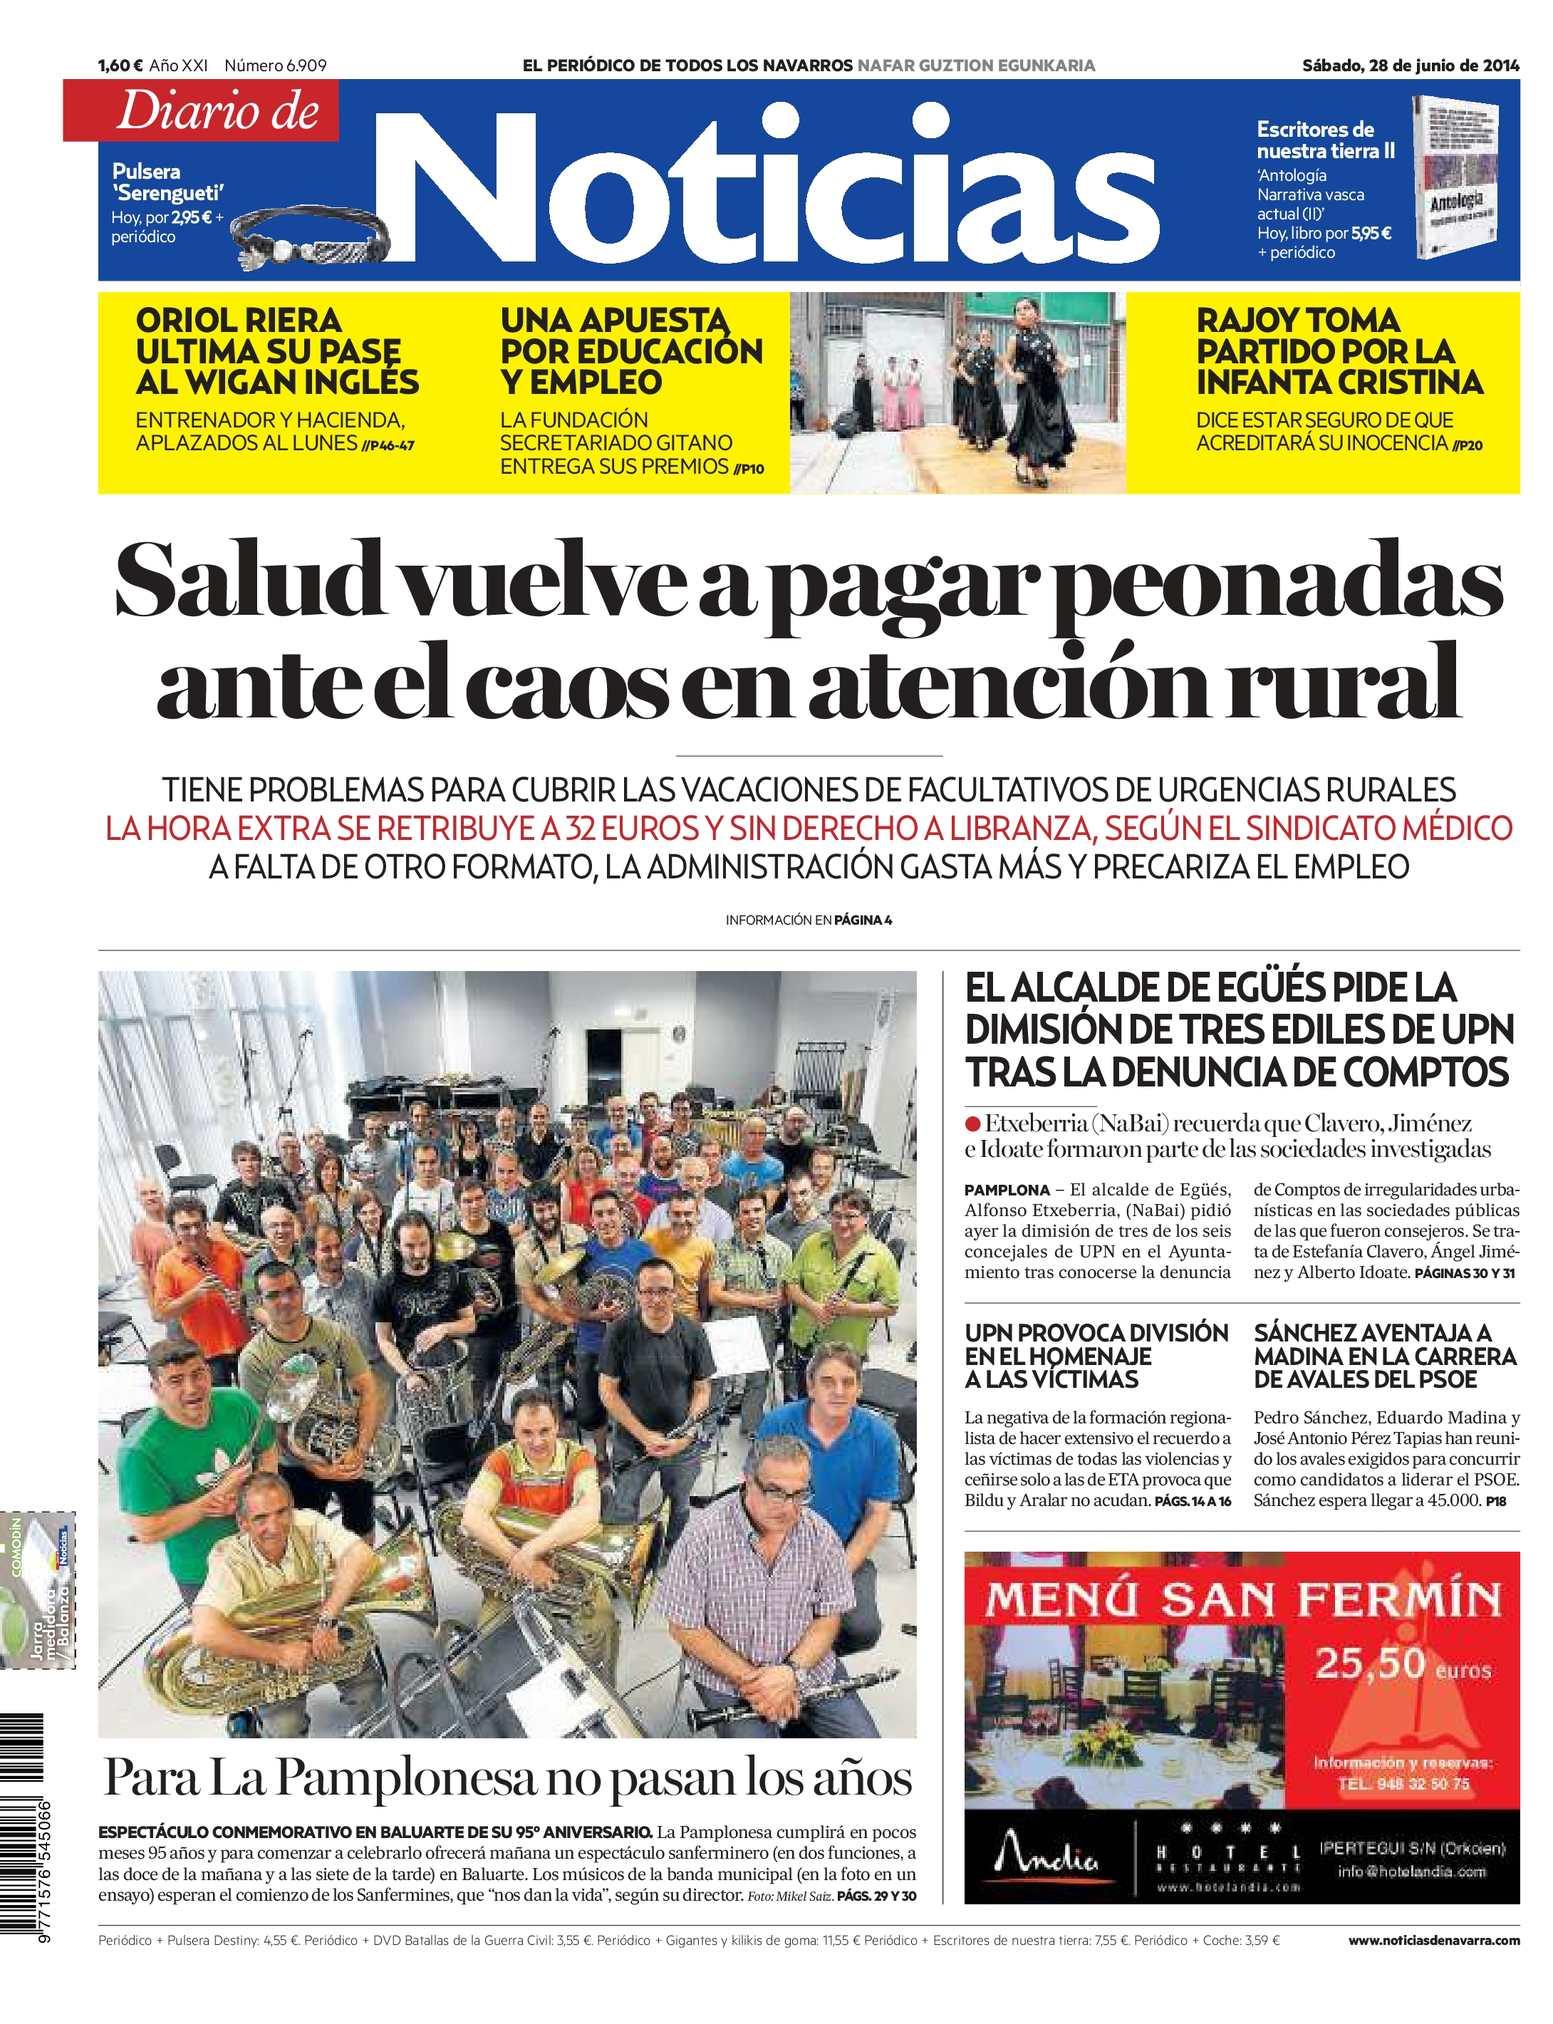 Calaméo - Diario de Noticias 20140628 9581f1533fd